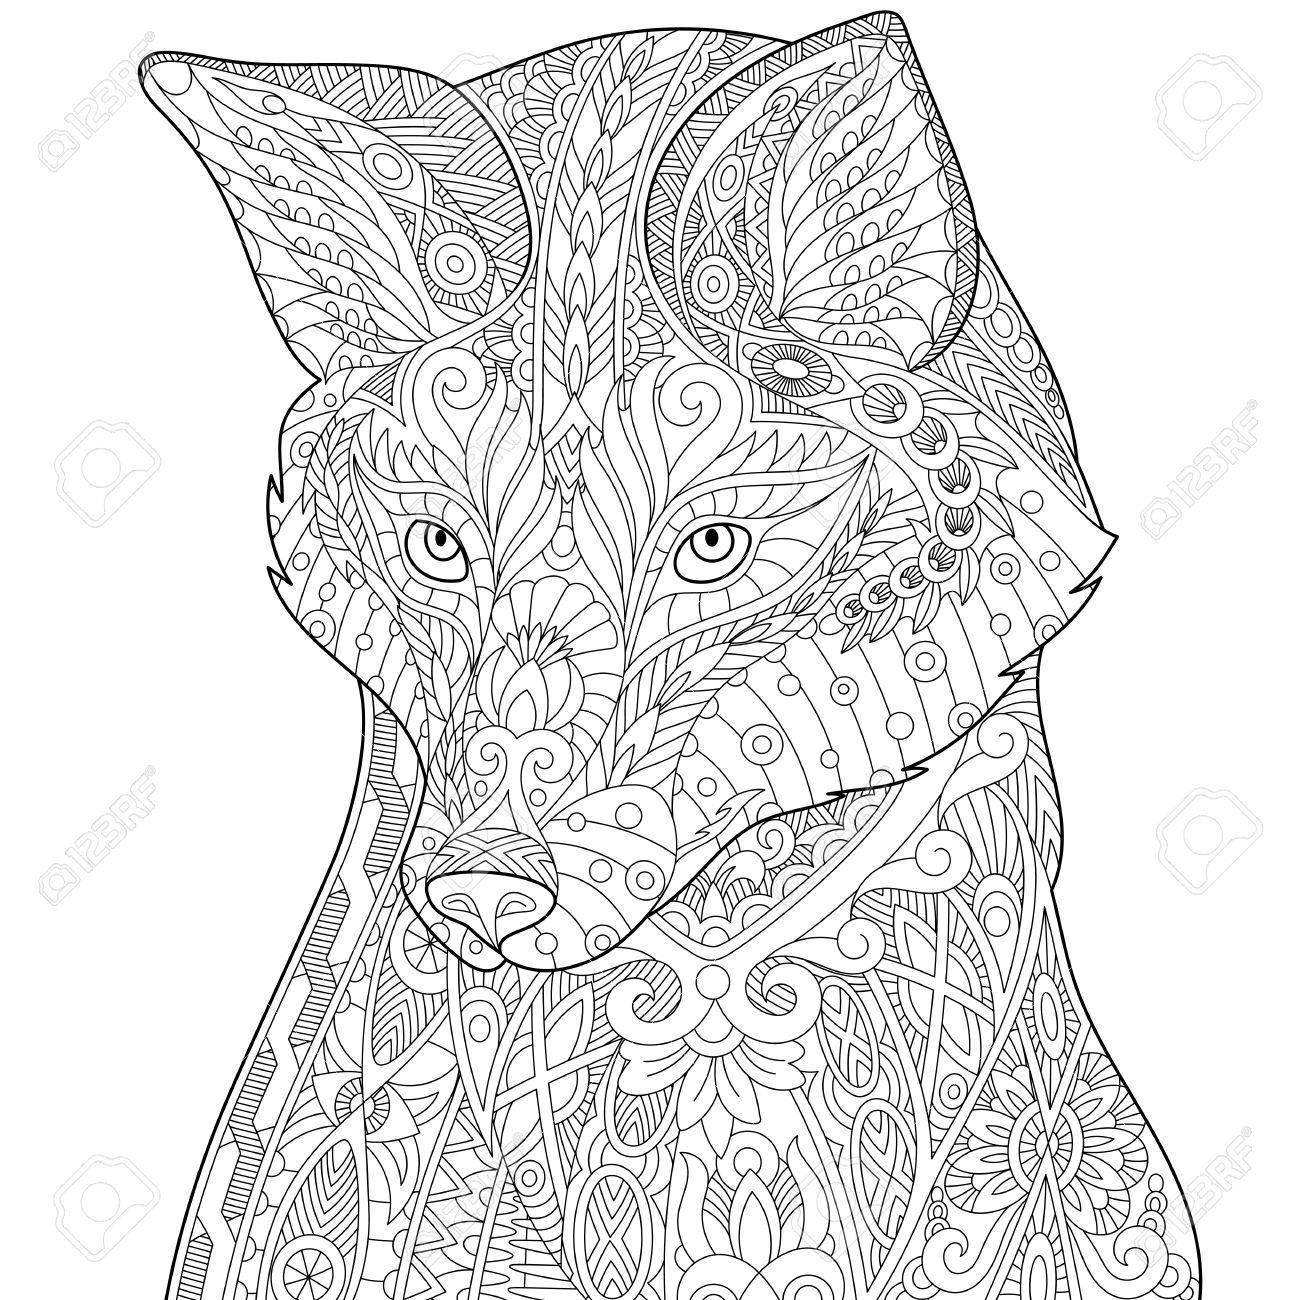 Kleurplaten Honden Voor Volwassenen.Kleurplaat Voor Volwassenen Wolf Woyaolu Info